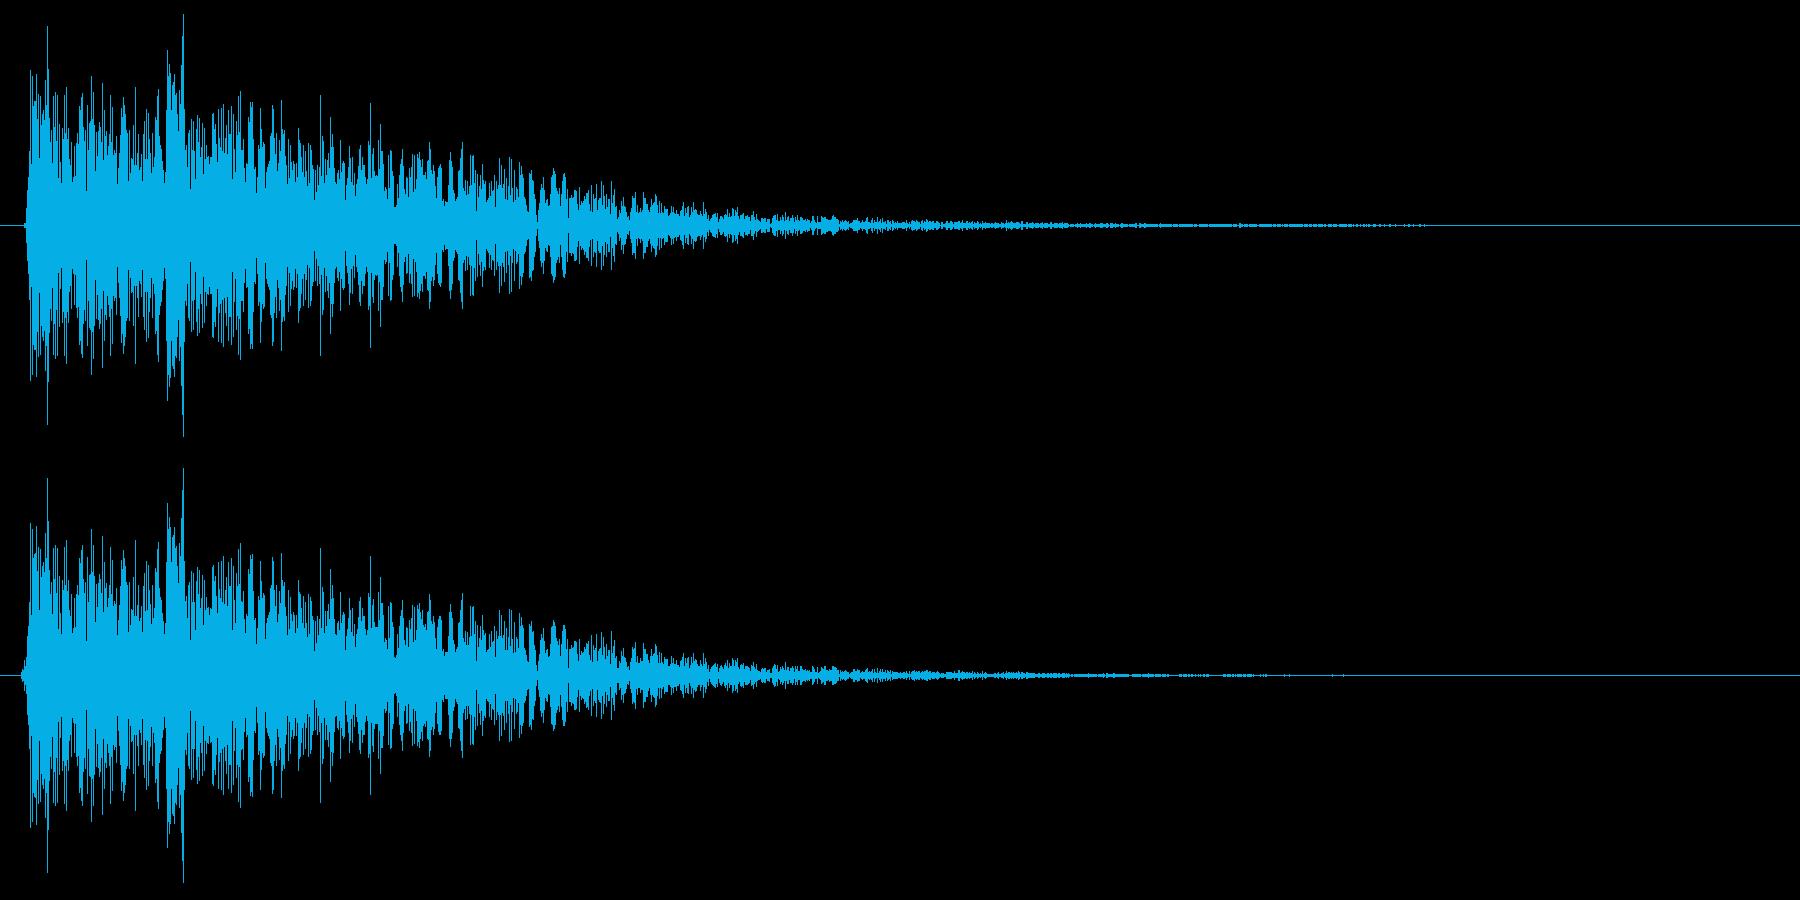 ポテン ピロン(クリアーな音質の効果音)の再生済みの波形